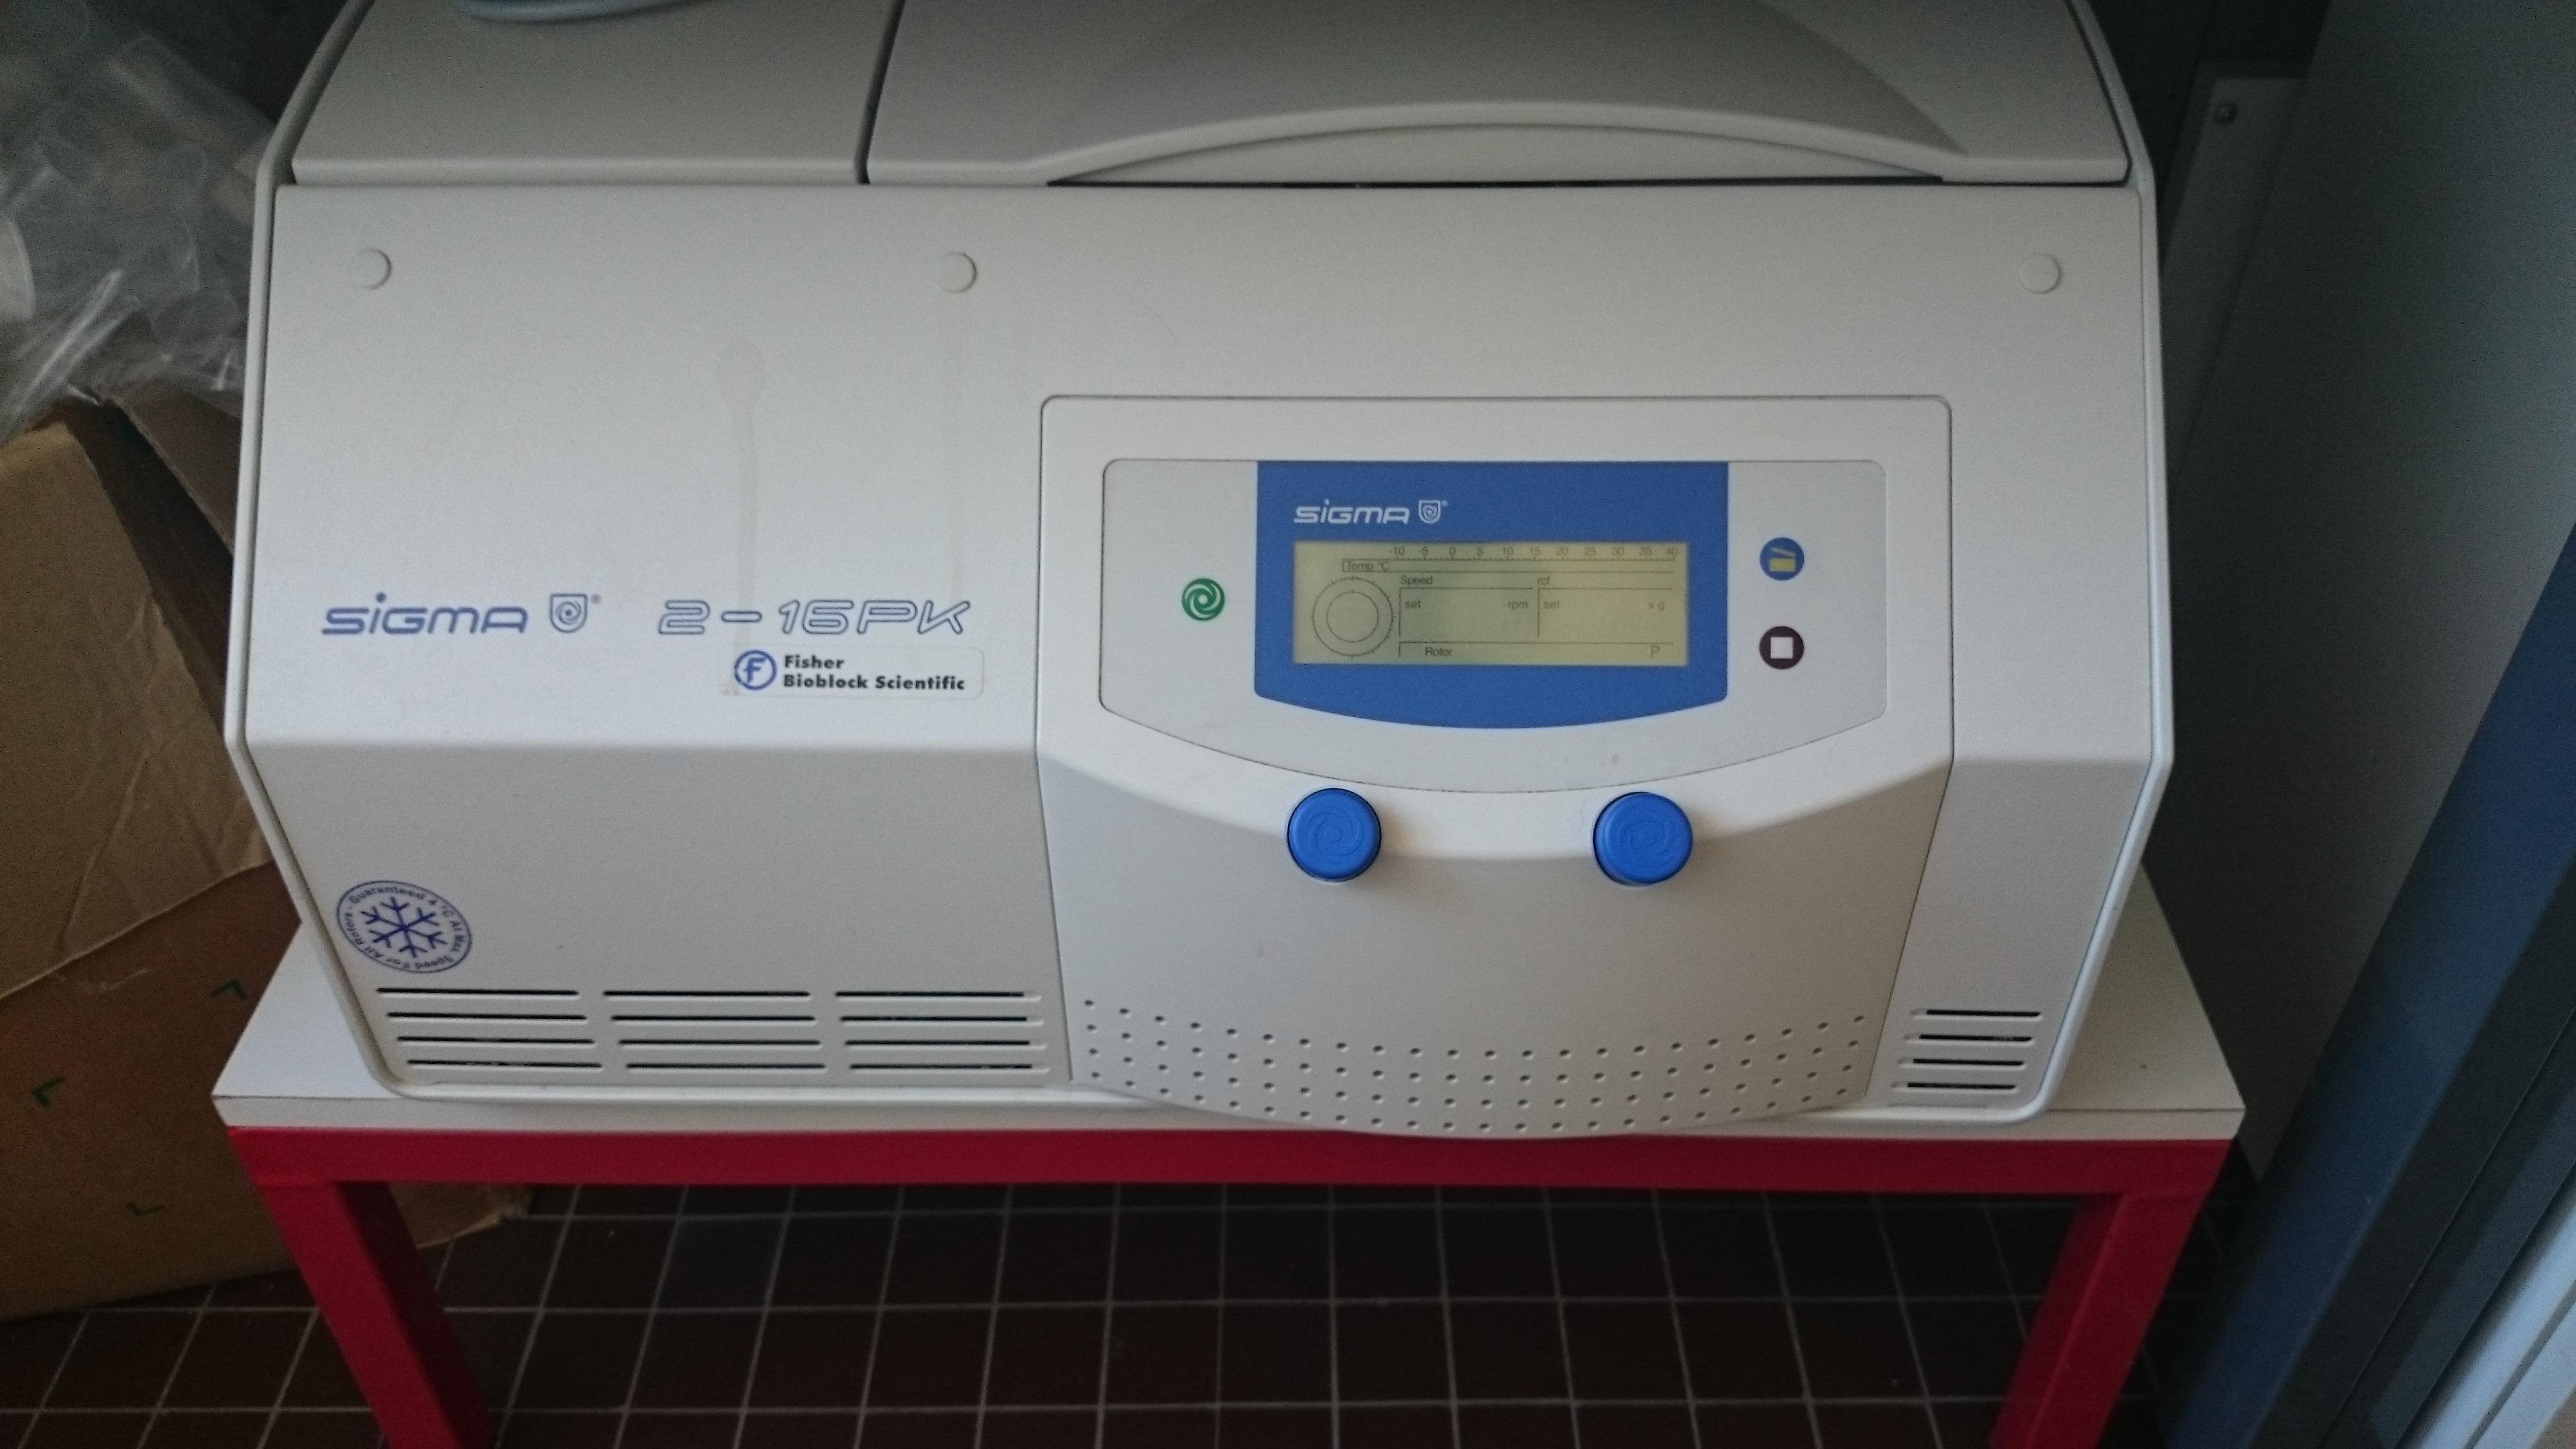 Centrifugation: Sigma 2-16PK & Thermo Heraeus Multifuge X1R centrifuges